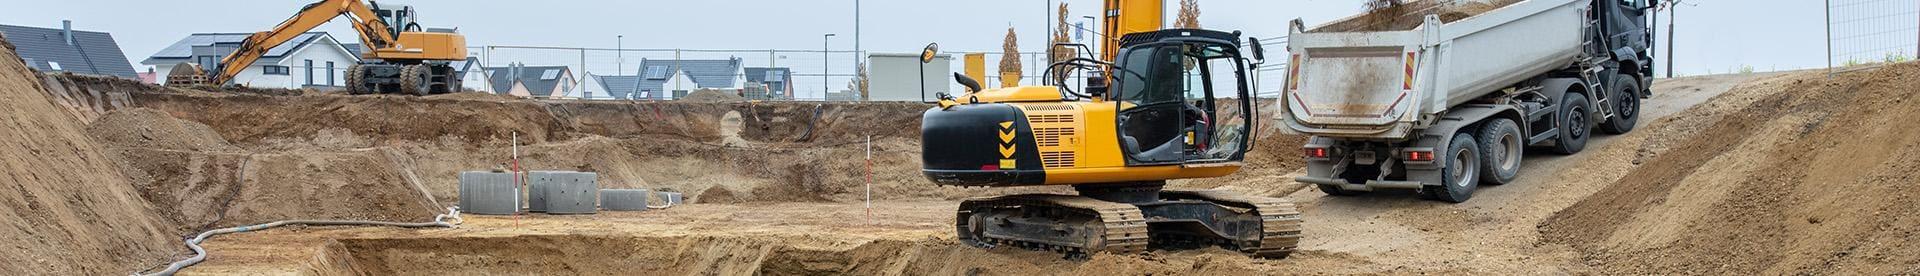 maszyny budowlane - banner